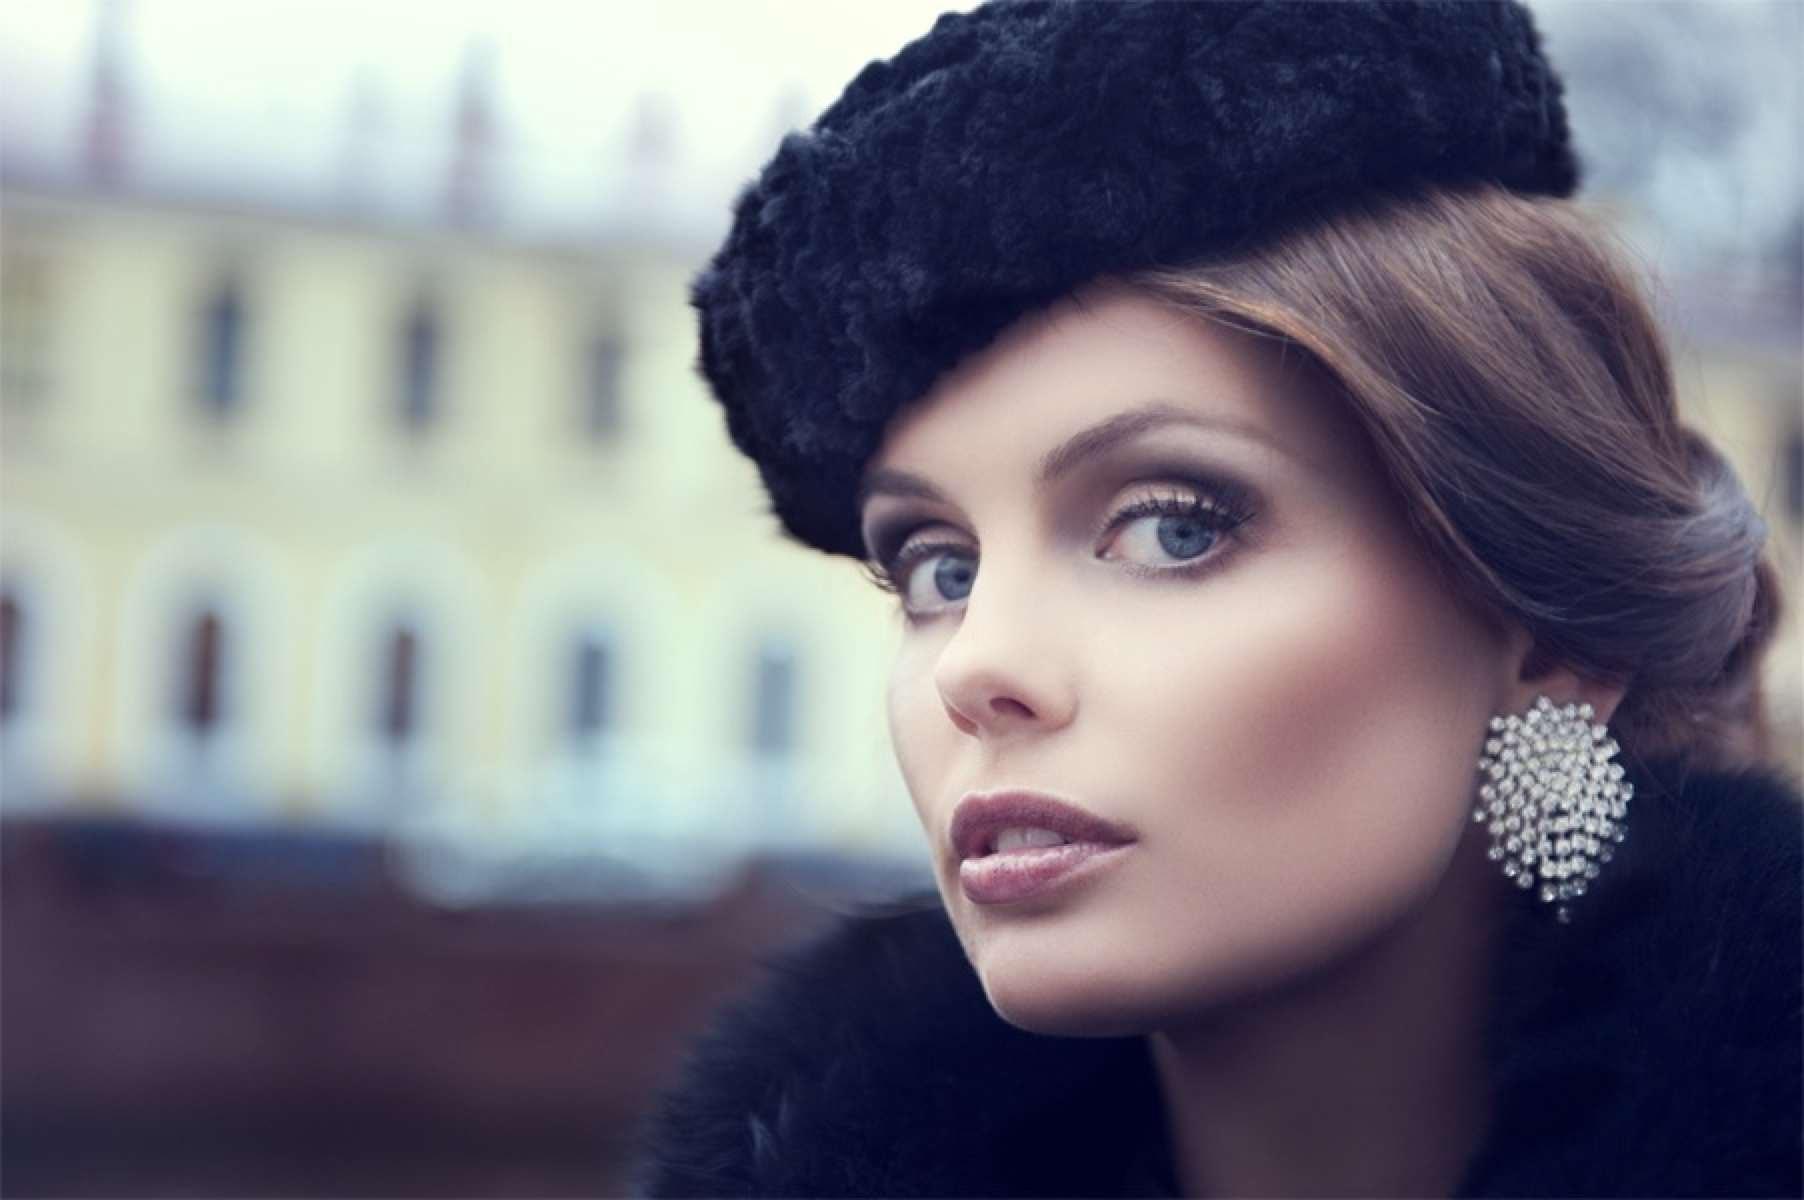 Юлия прокопьева фото трупа 7